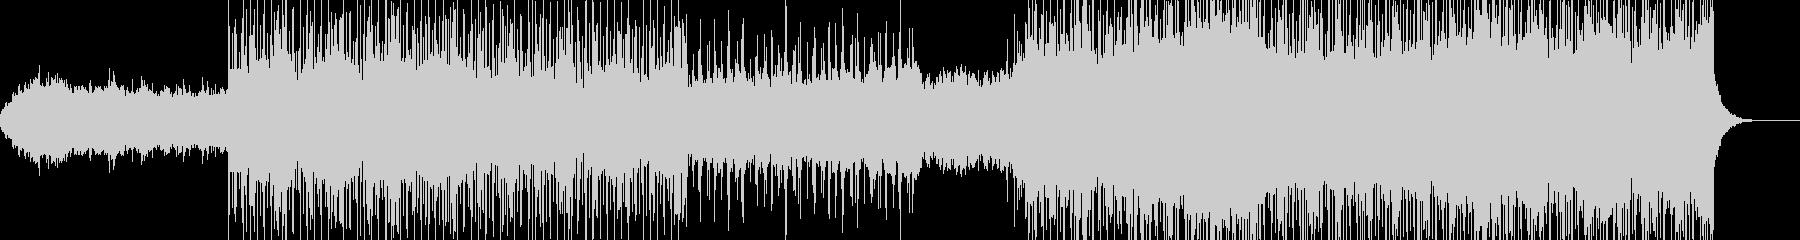 フューチャーアンビエントBGMの未再生の波形